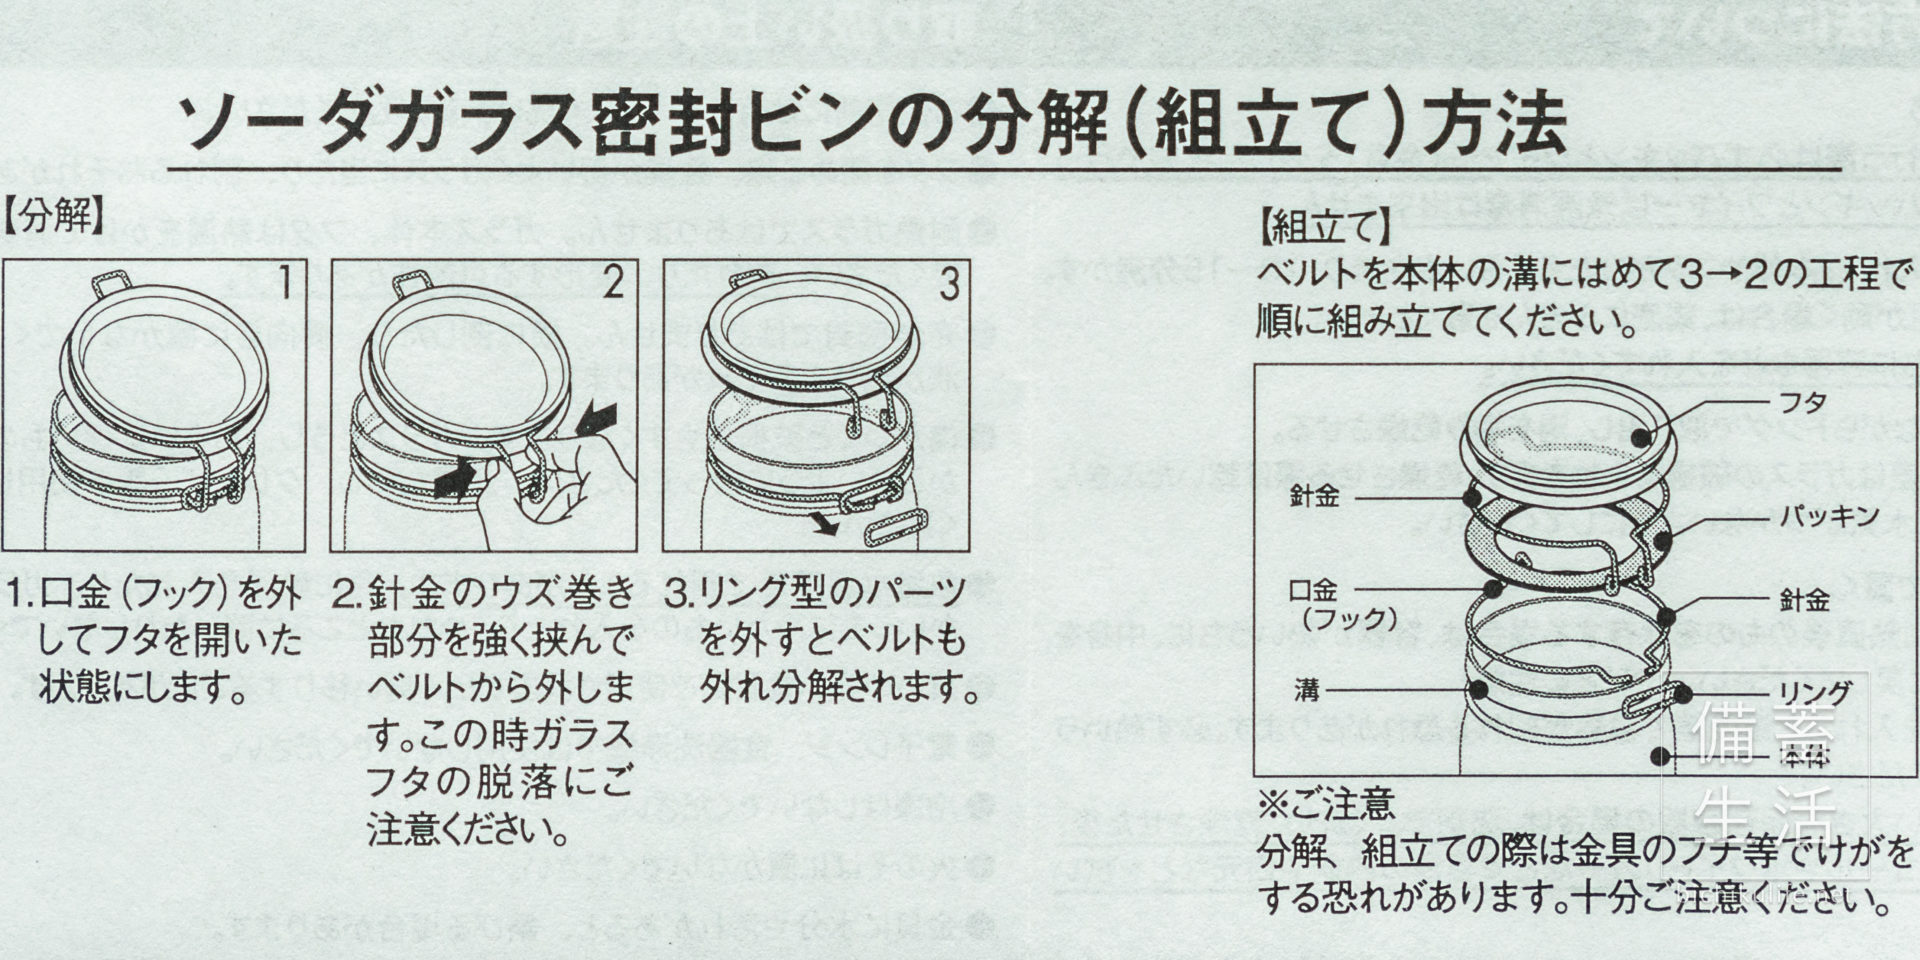 無印良品 ソーダガラス密封ビンの分解(組立て)方法